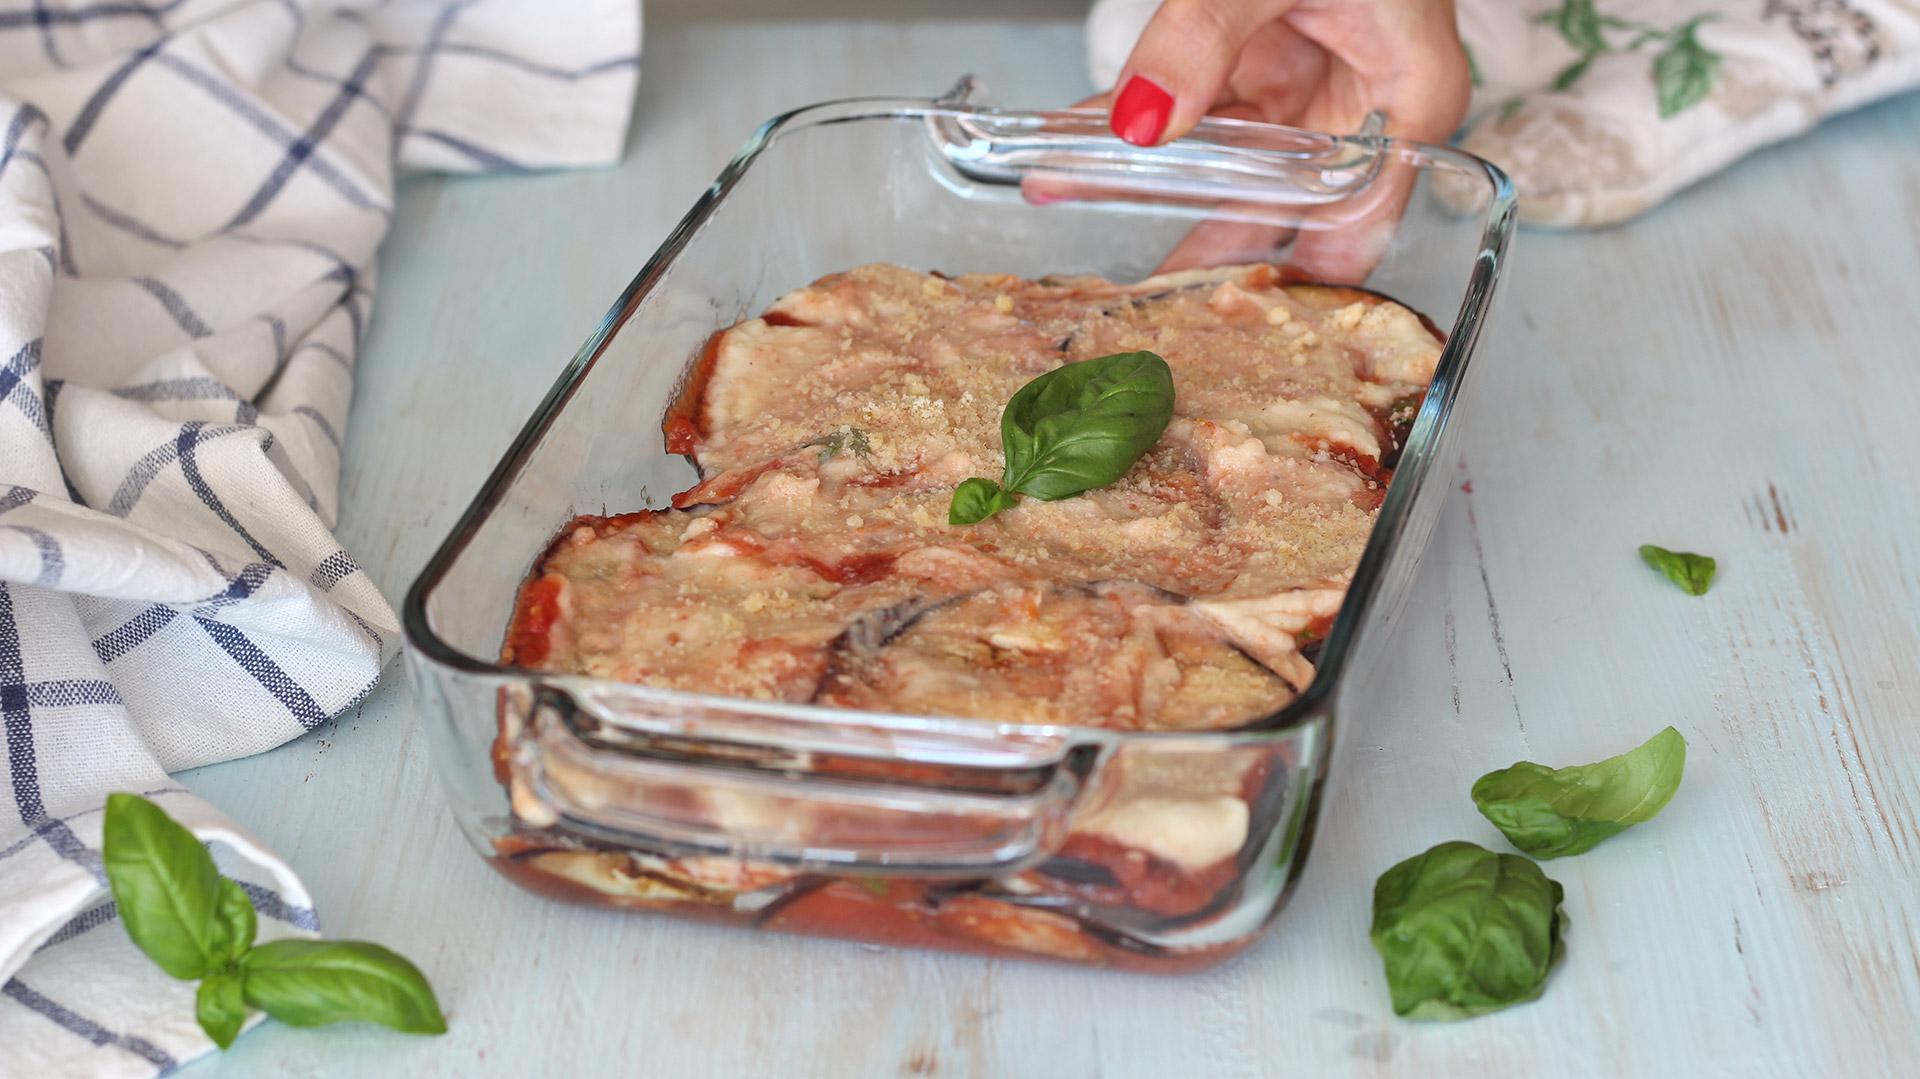 Ricetta Melanzane Non Fritte.Parmigiana Di Melanzane Light Non Fritte Con Besciamella Vegan Ricettevegolose